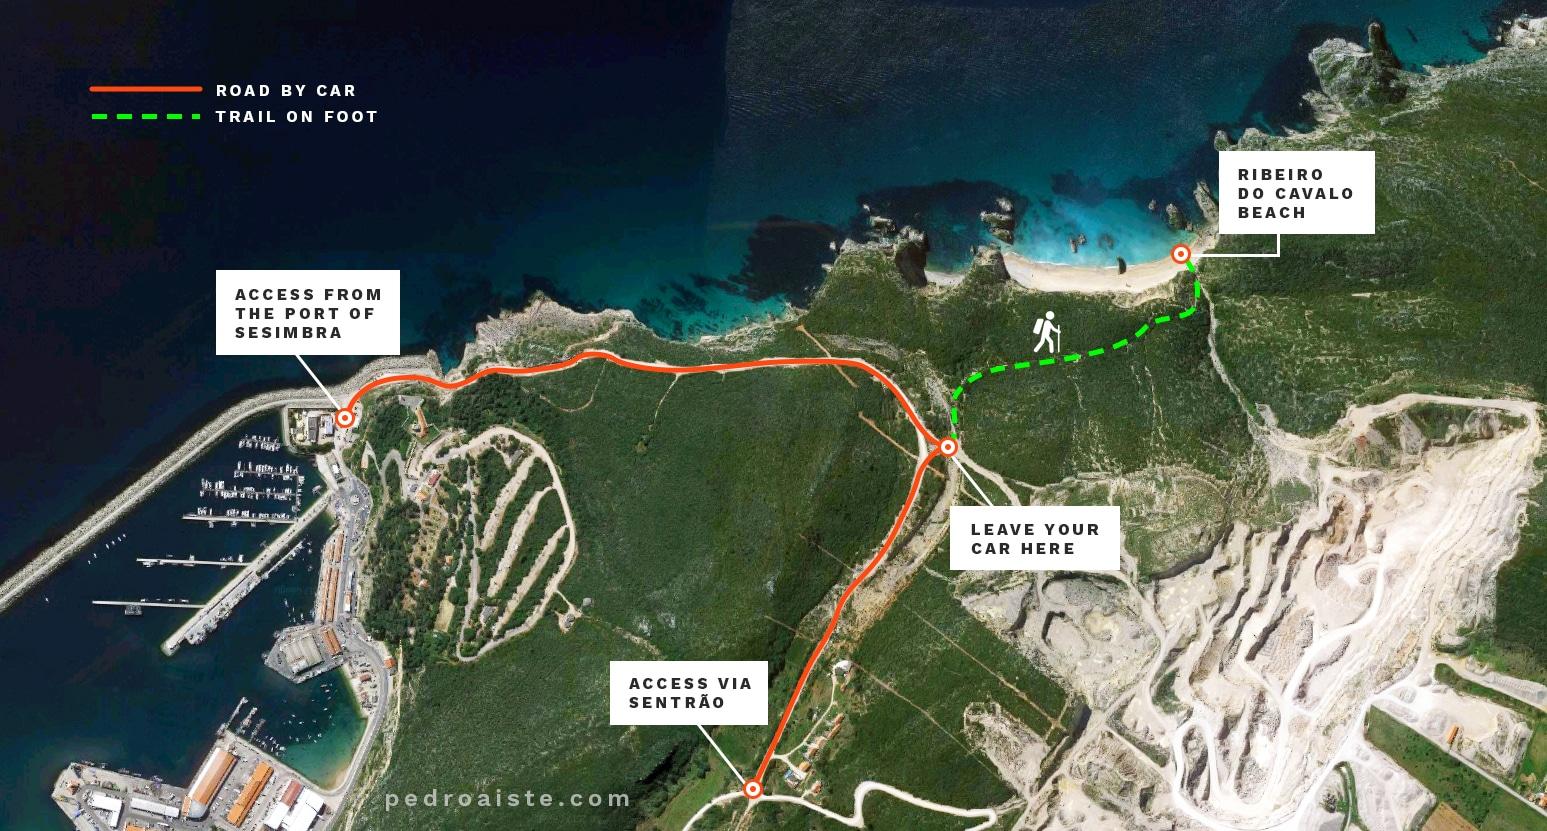 how to get to ribeiro do cavalo beach